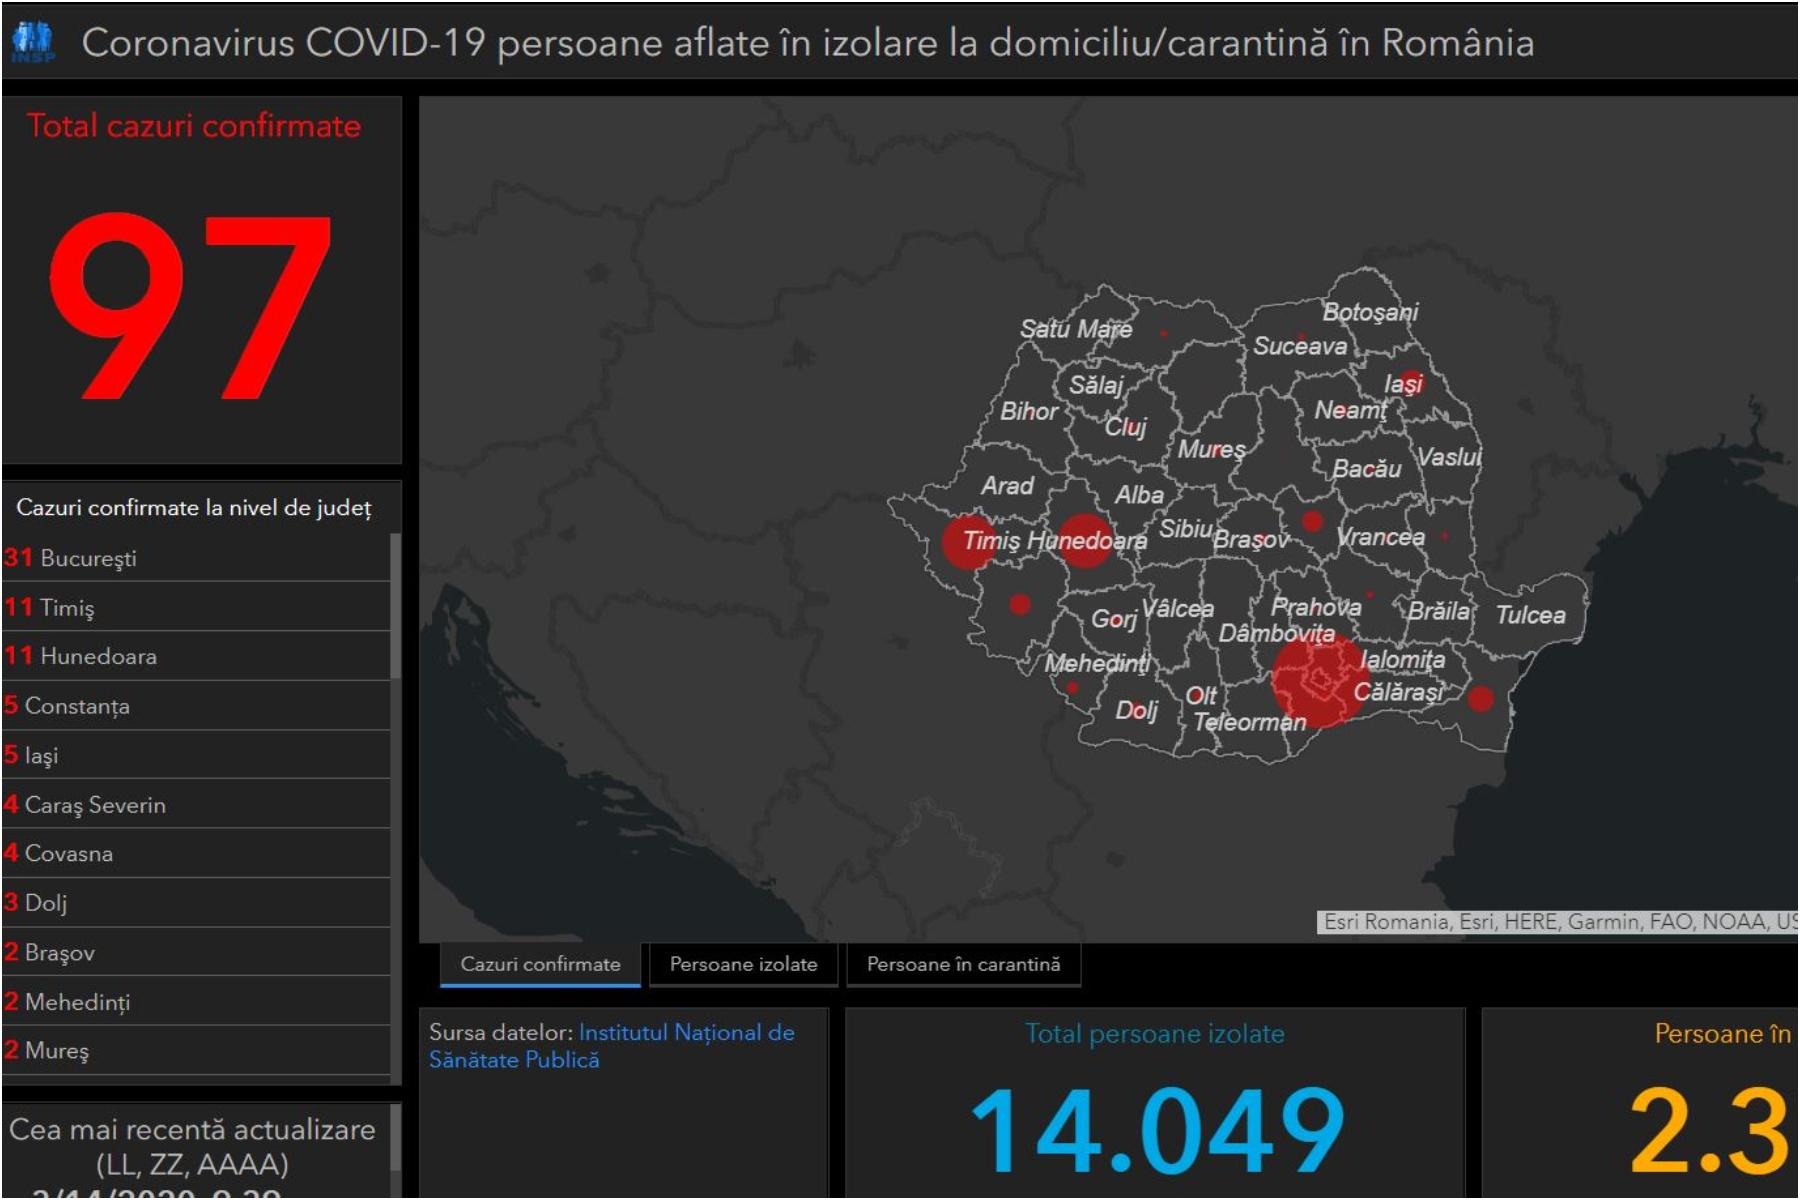 Harta Coronavirusului In Romania Topul Judeţelor Cu Cele Mai